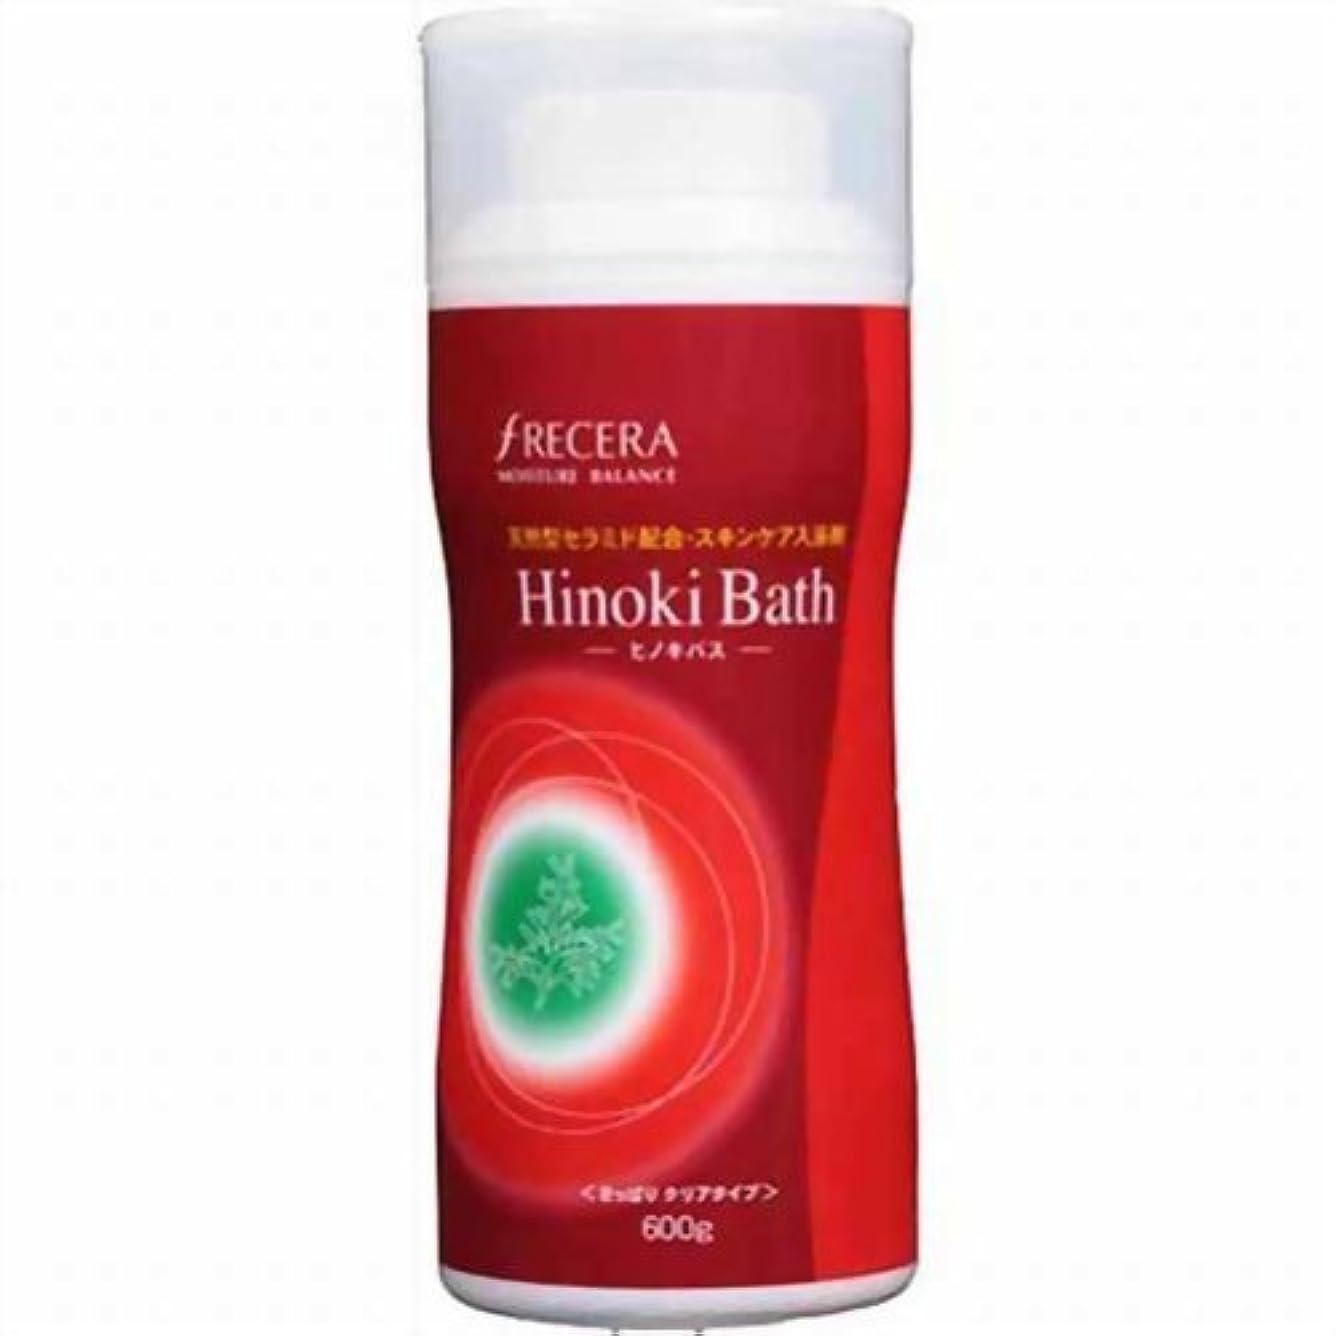 レンドピストルフレッセラ セラミド入浴剤 ヒノキバス 600g